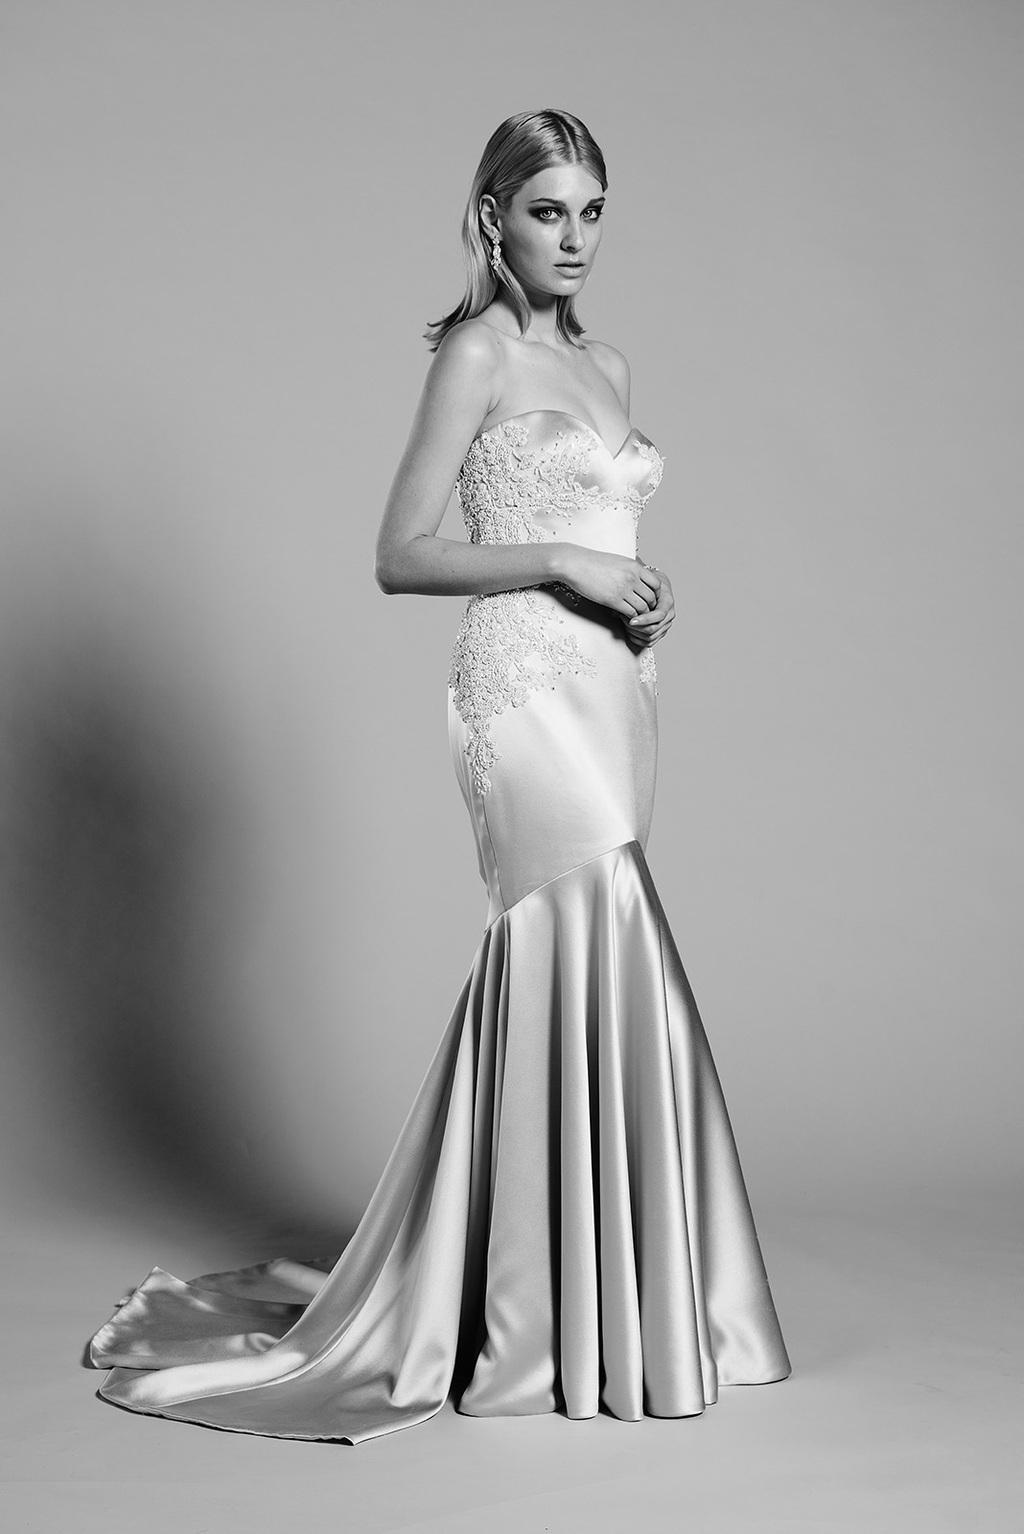 Amira-wedding-dress-by-mariana-hardwick-2014-bridal.full